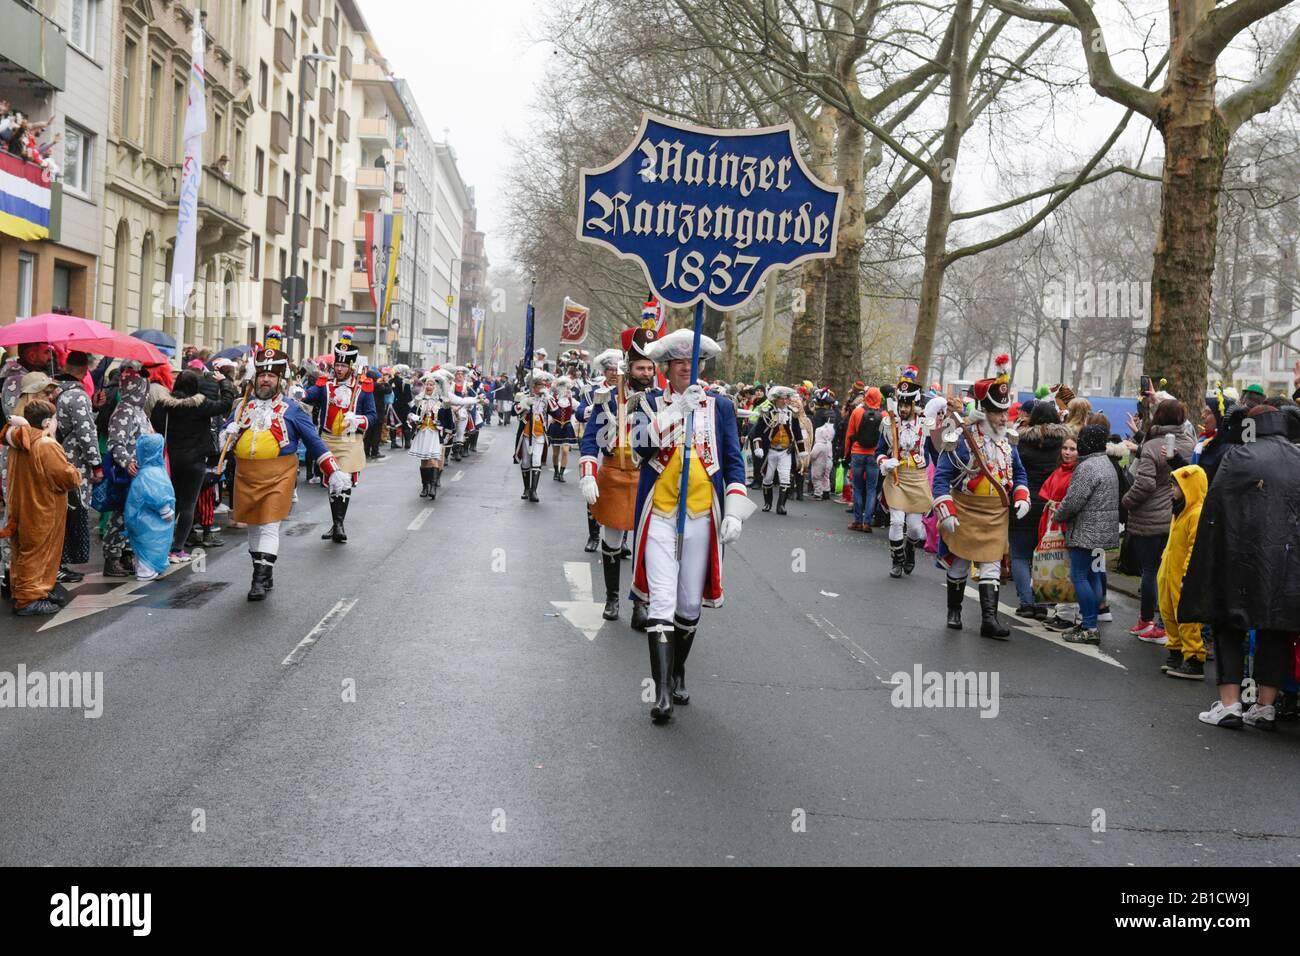 Magonza, Germania. 24th febbraio 2020. I membri del Mainzer Ranzengarde prendono parte alla sfilata del lunedì delle Rose di Mainz. Circa mezzo milione di persone hanno fiancheggiato le strade di Magonza per la tradizionale sfilata del Carnevale di Rose Monday. La lunga sfilata di 9 km con oltre 9.000 partecipanti è una delle tre grandi Sfilate del lunedì delle Rose in Germania. Foto Stock